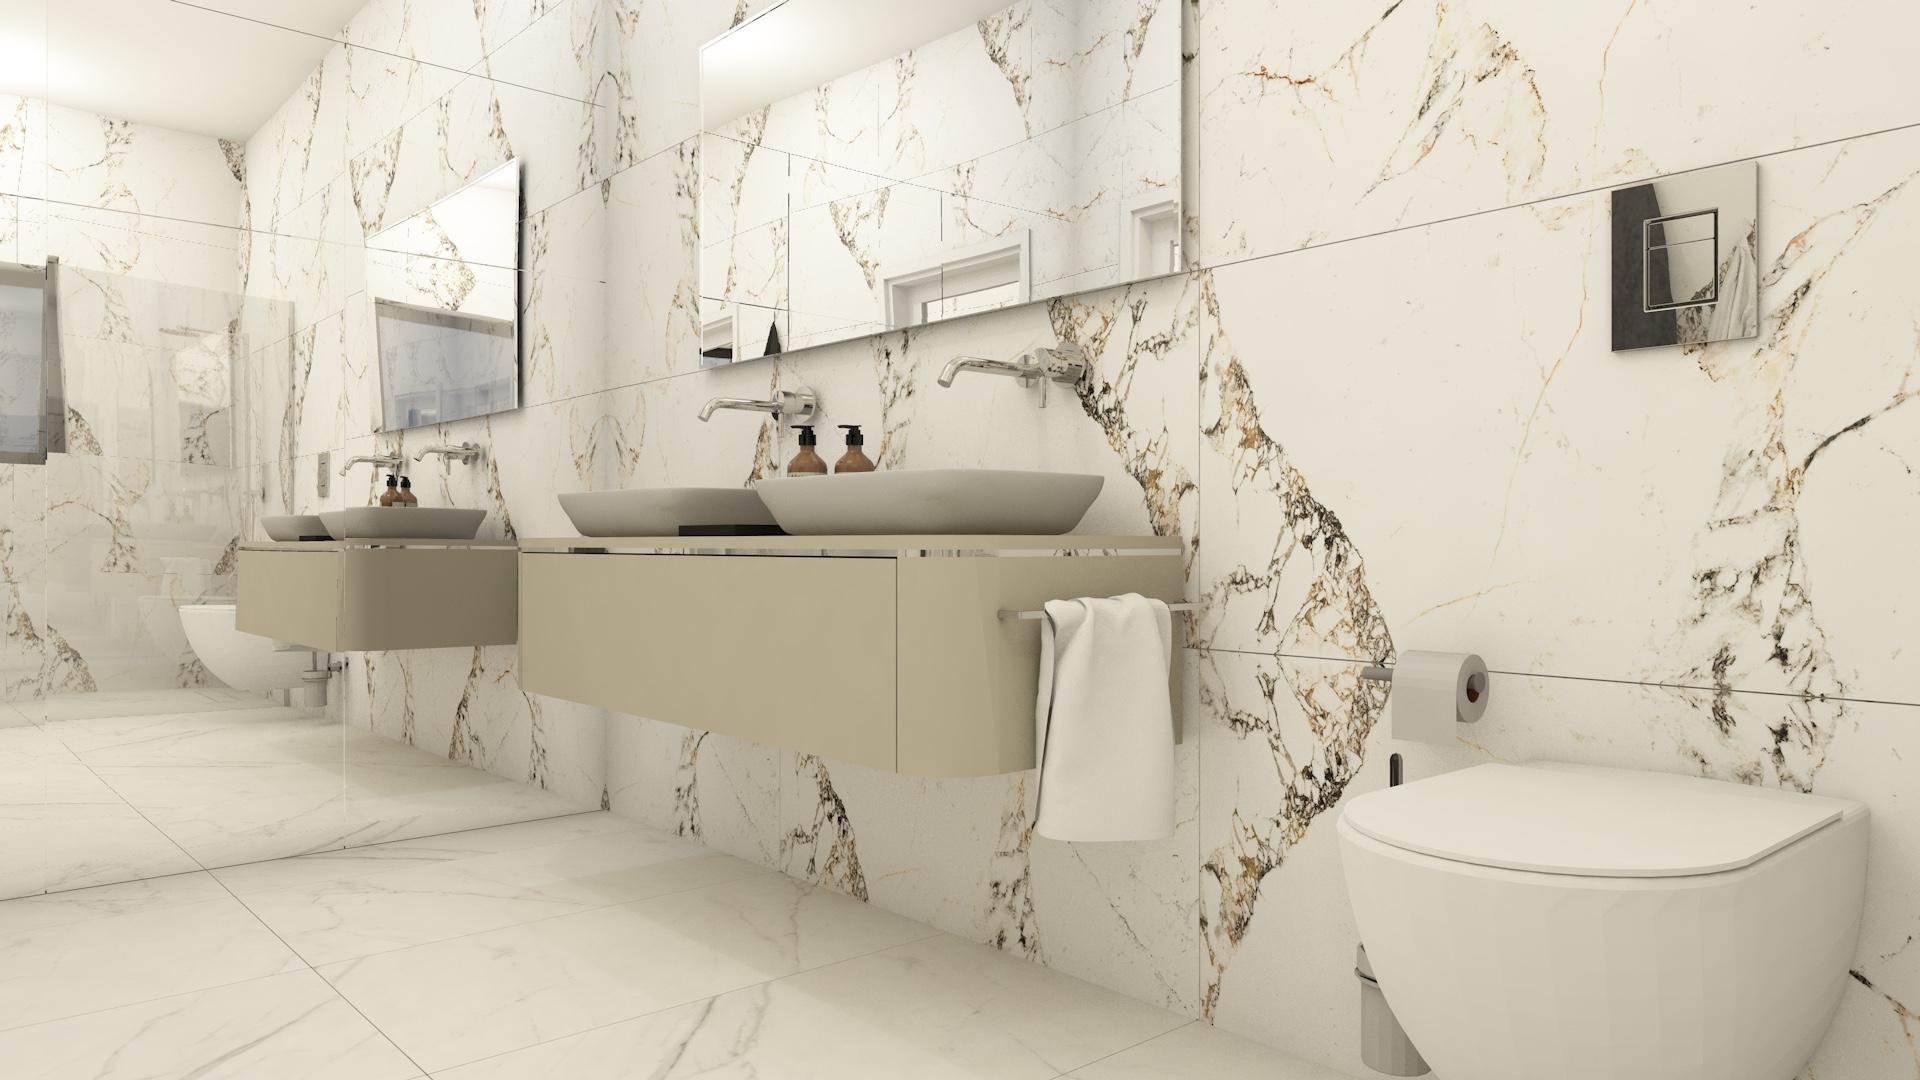 Projekt łazienki z przestronnym wnętrzem z płytkami imitującymi marmur